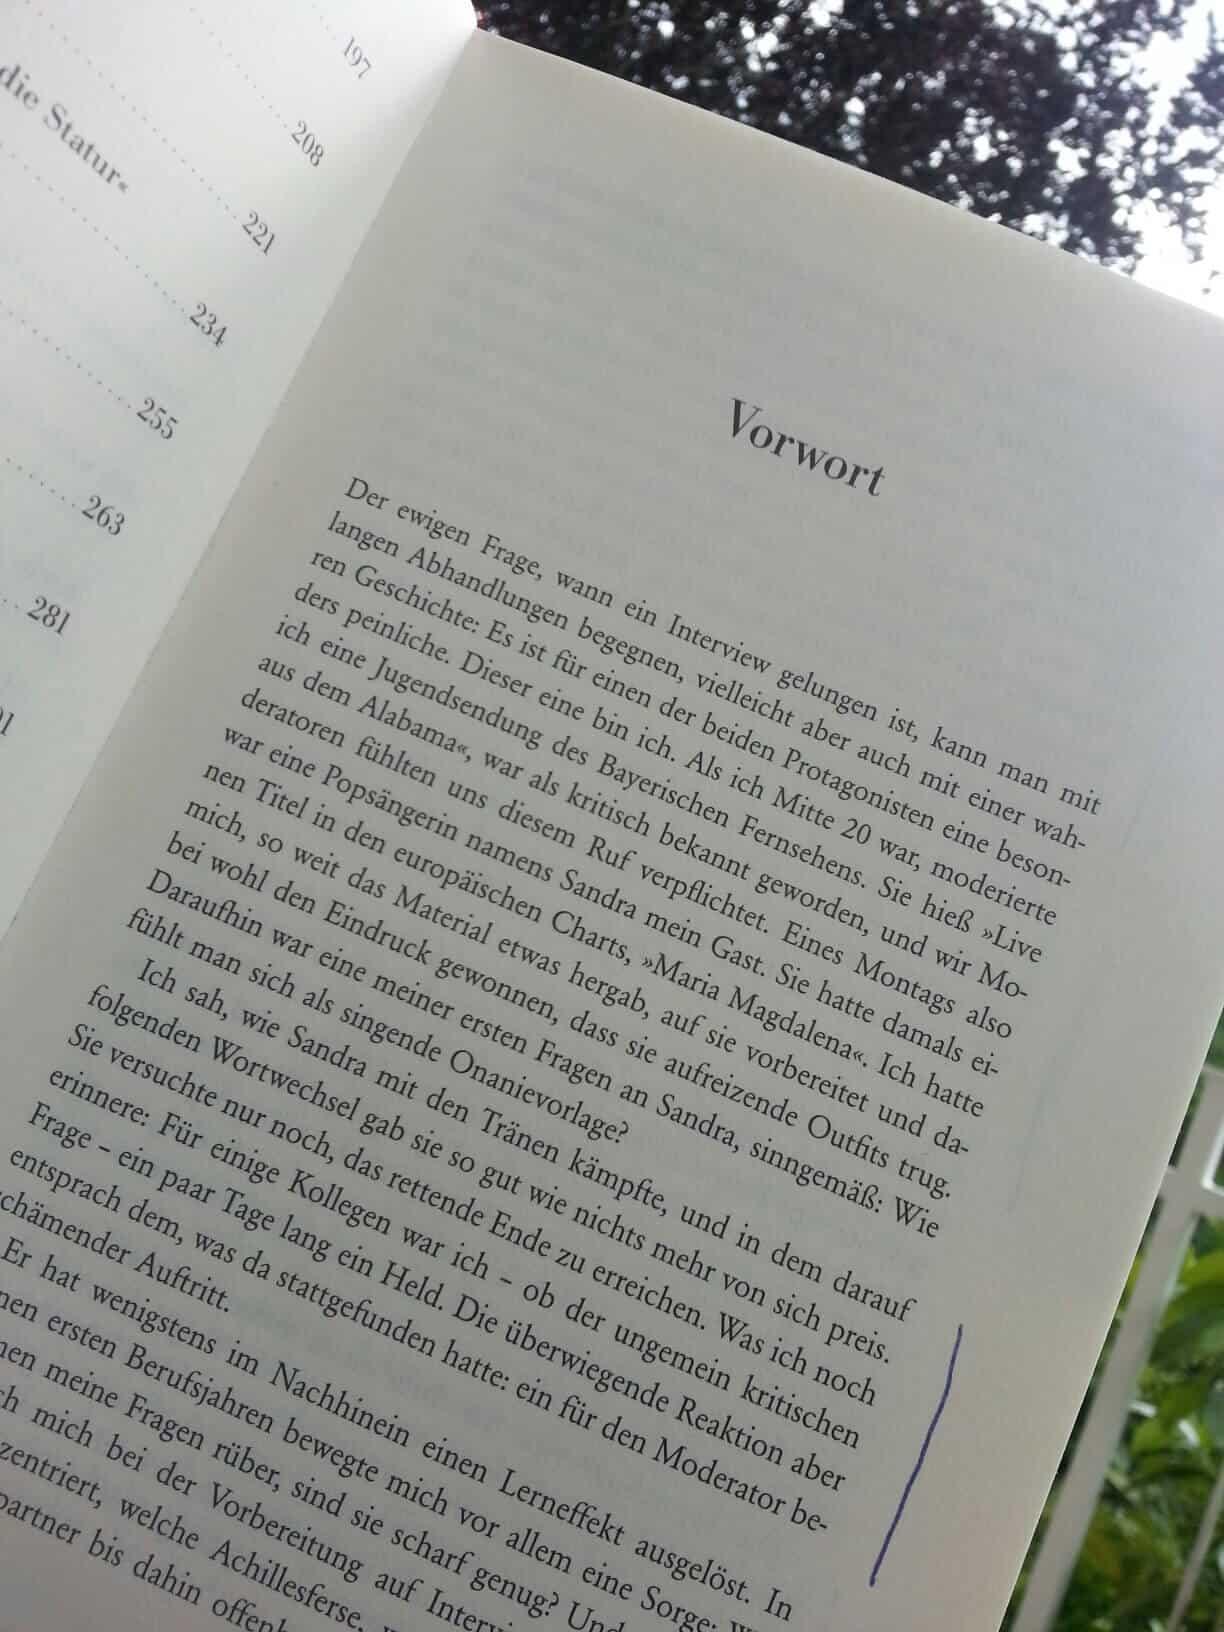 Giovanni di Lorenzo - Vom Aufstieg und anderen Niederlagen